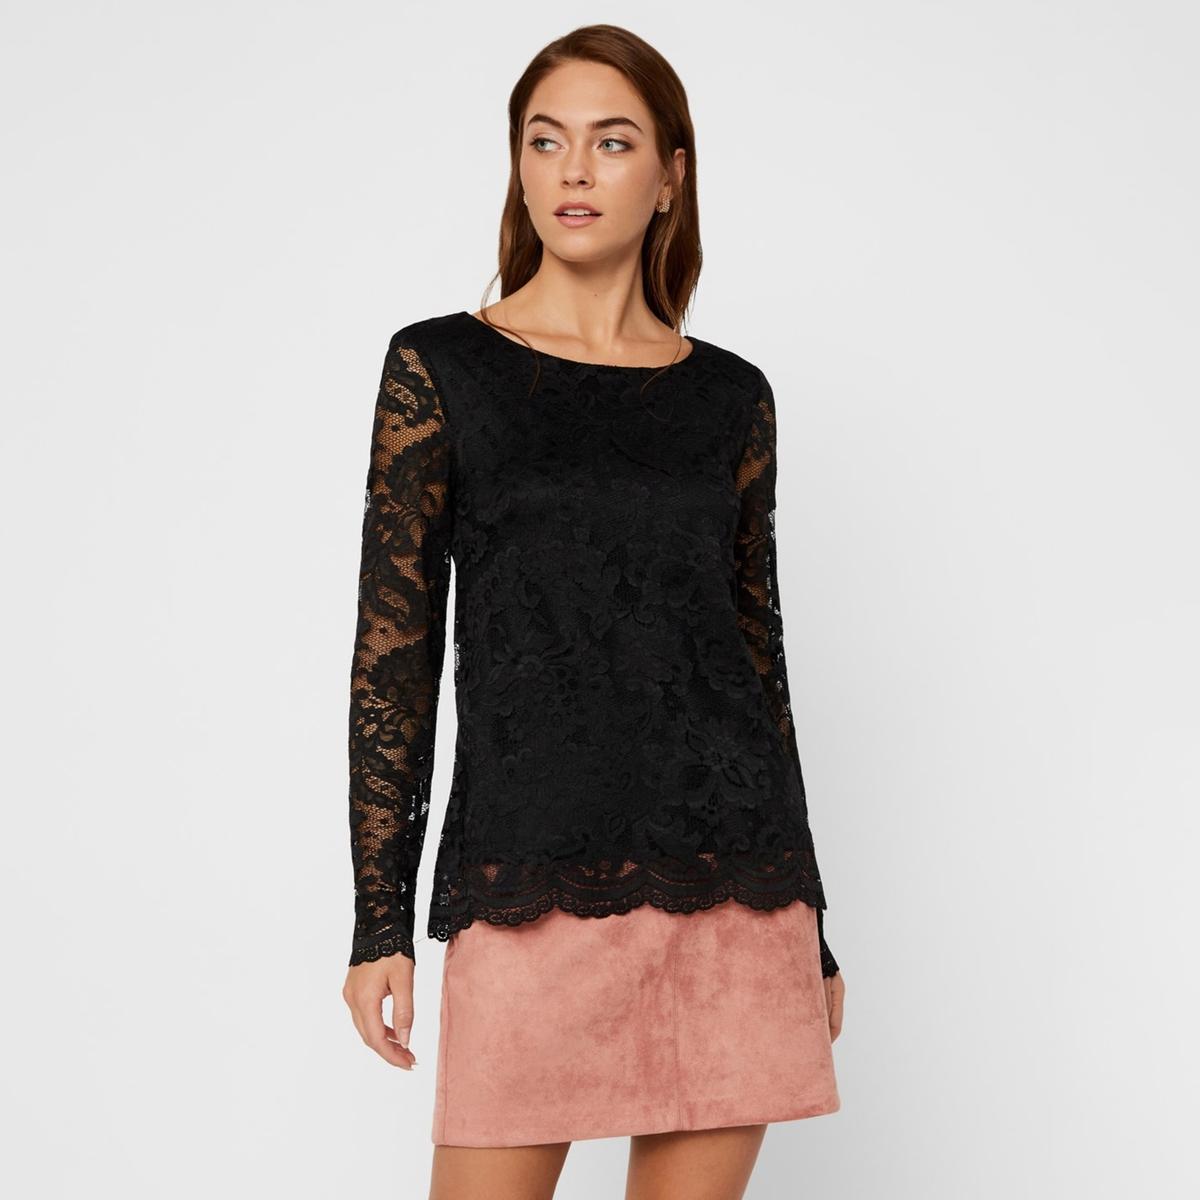 Блузка La Redoute Из кружева с круглым вырезом и длинными рукавами XS черный пуловер la redoute с круглым вырезом и длинными рукавами l красный